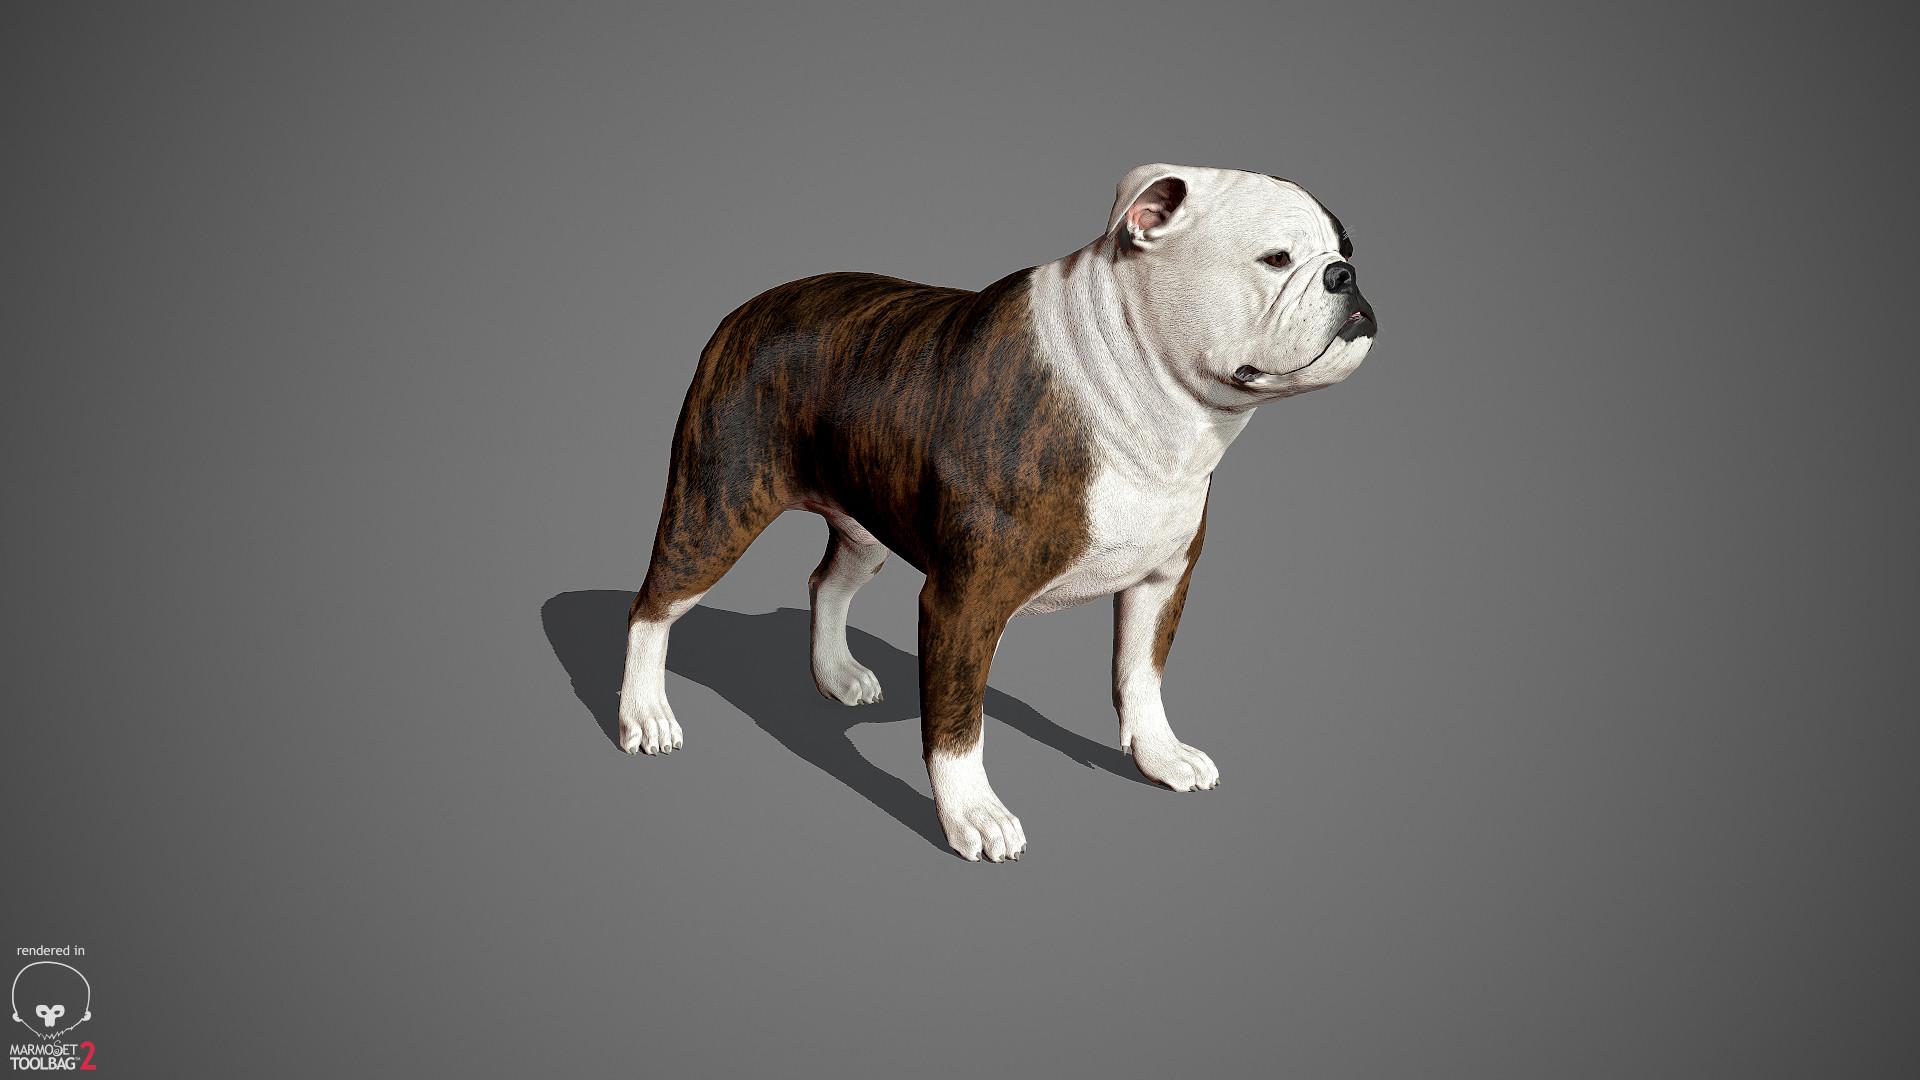 Alex lashko englishbulldog by alexlashko marmoset 32